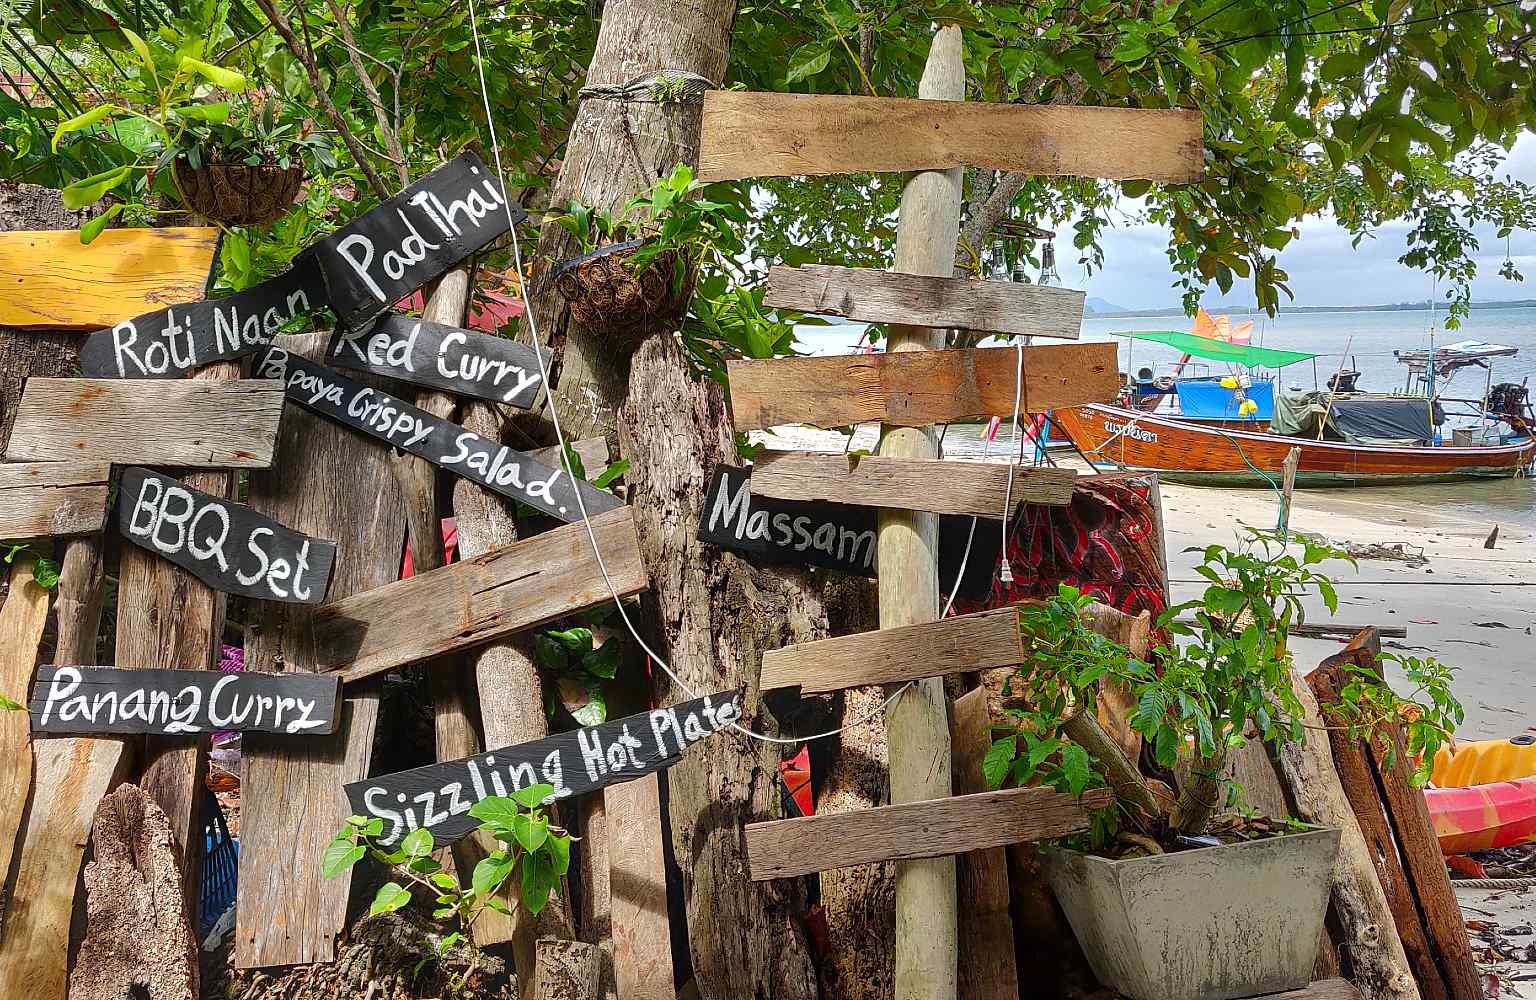 Houten Plankjes met daarop namen van Thaise gerechten